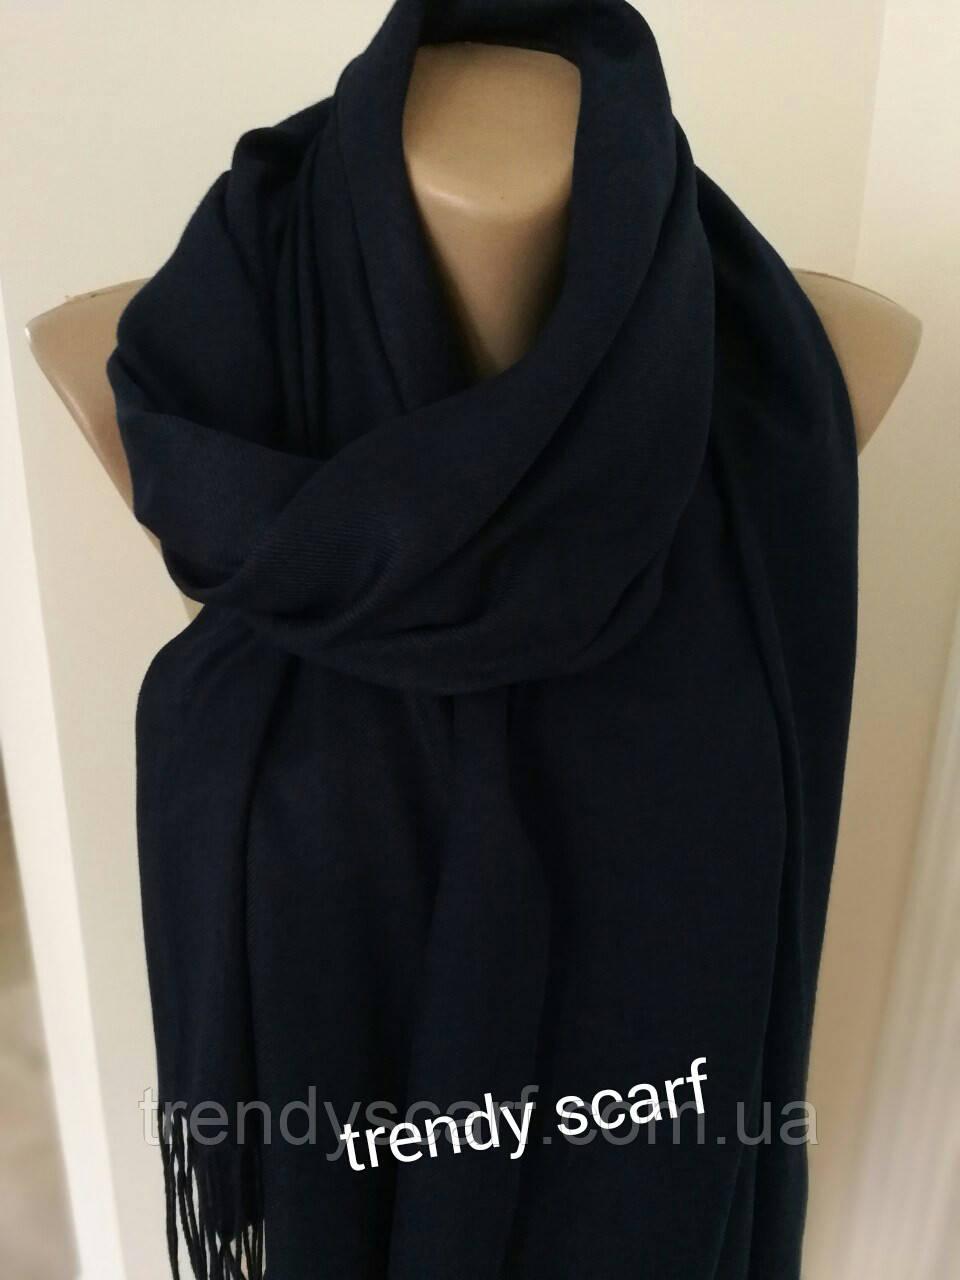 Женский однотонный палантин шарф. Темно-синий, черно-синий, дипломат. Кашемир 180\80